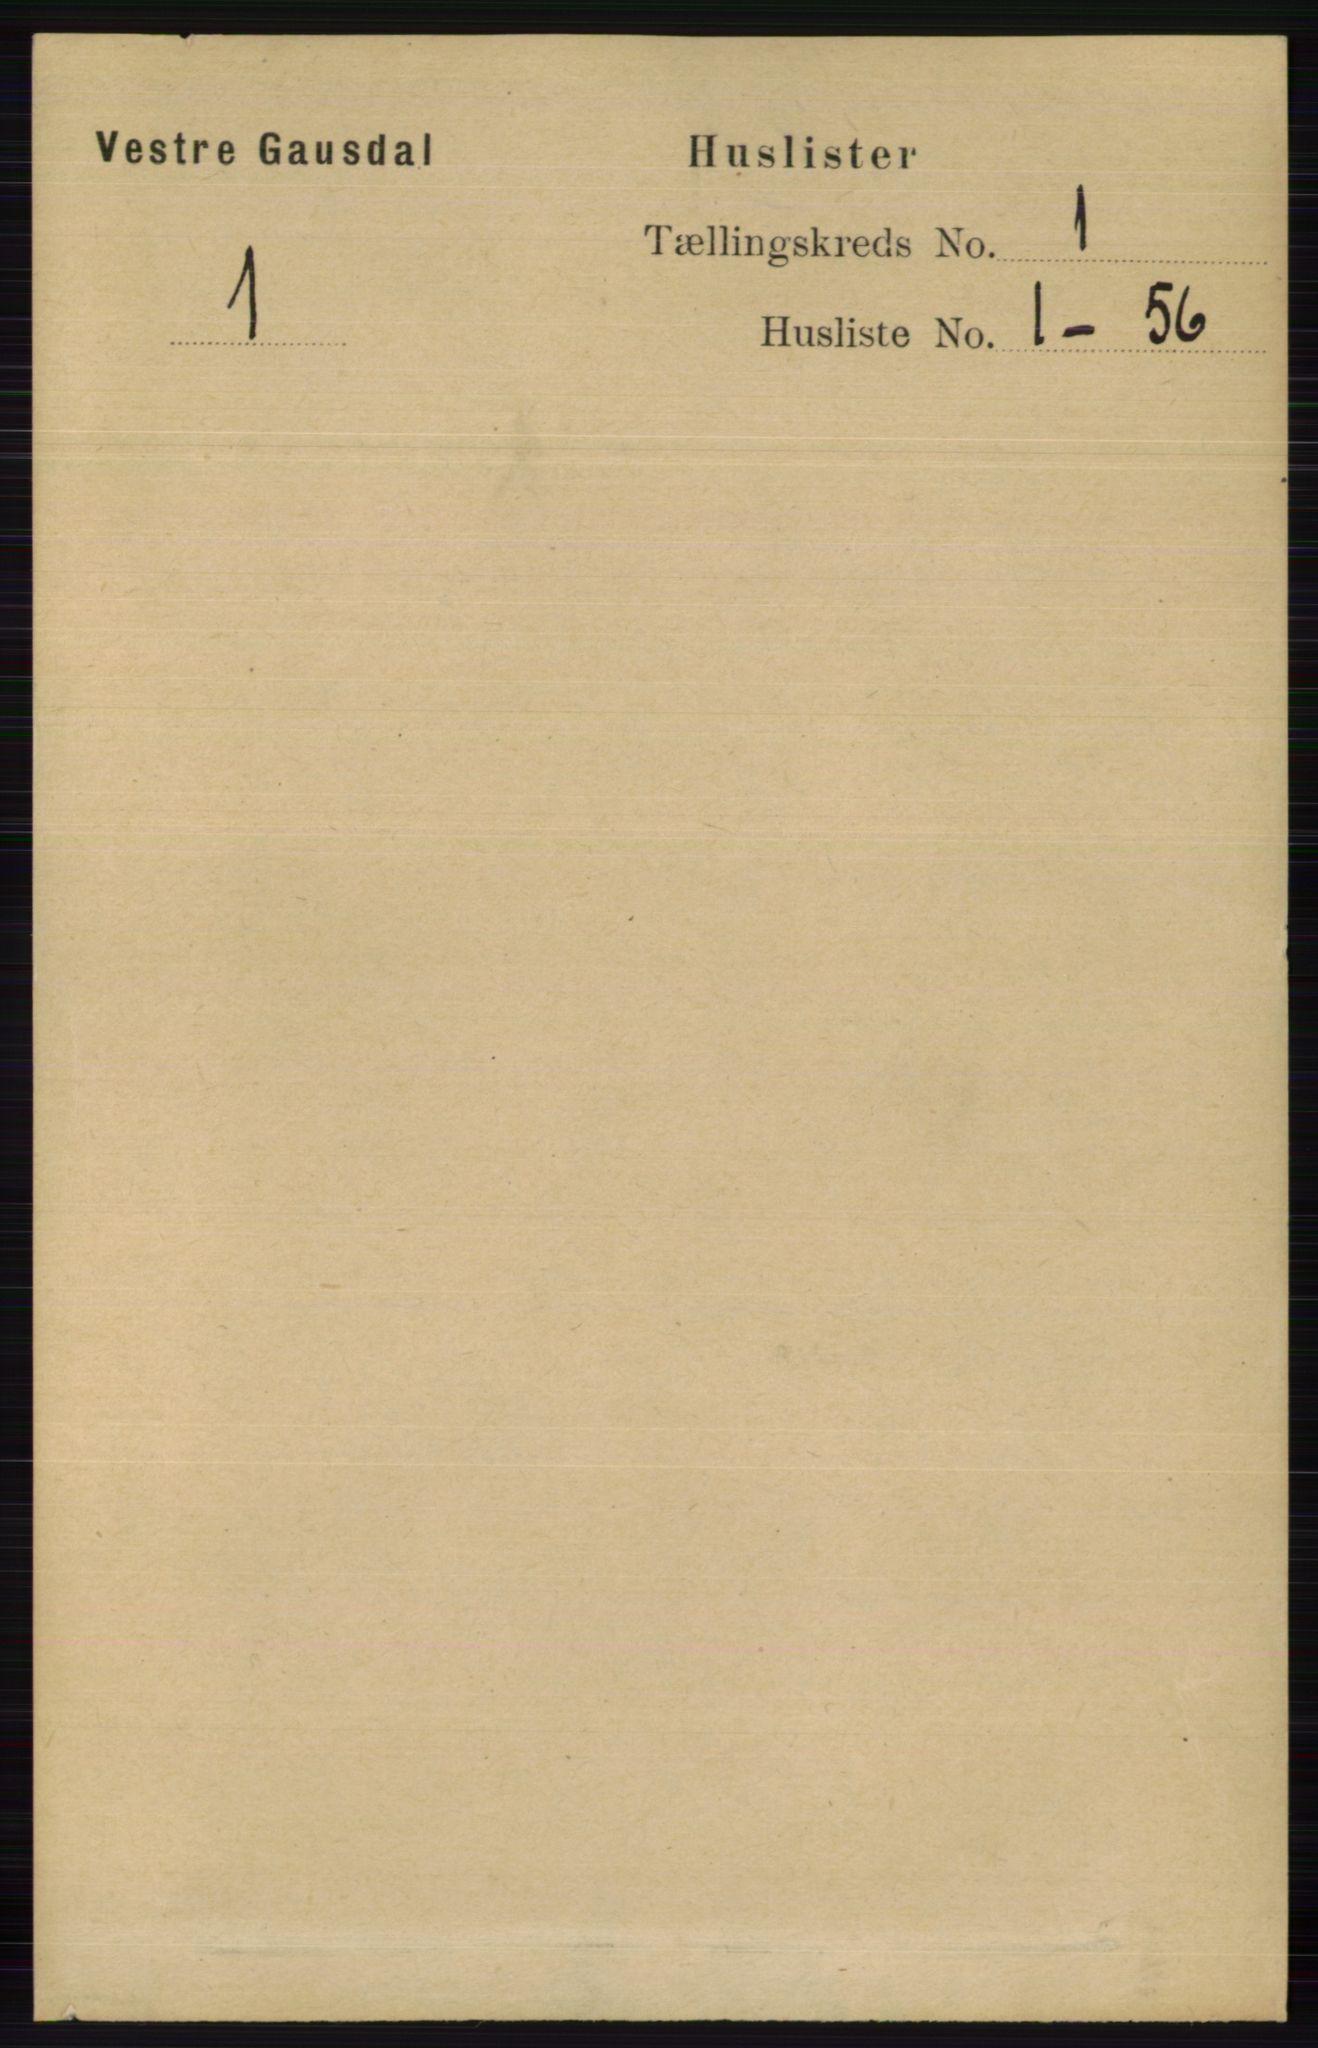 RA, Folketelling 1891 for 0523 Vestre Gausdal herred, 1891, s. 23